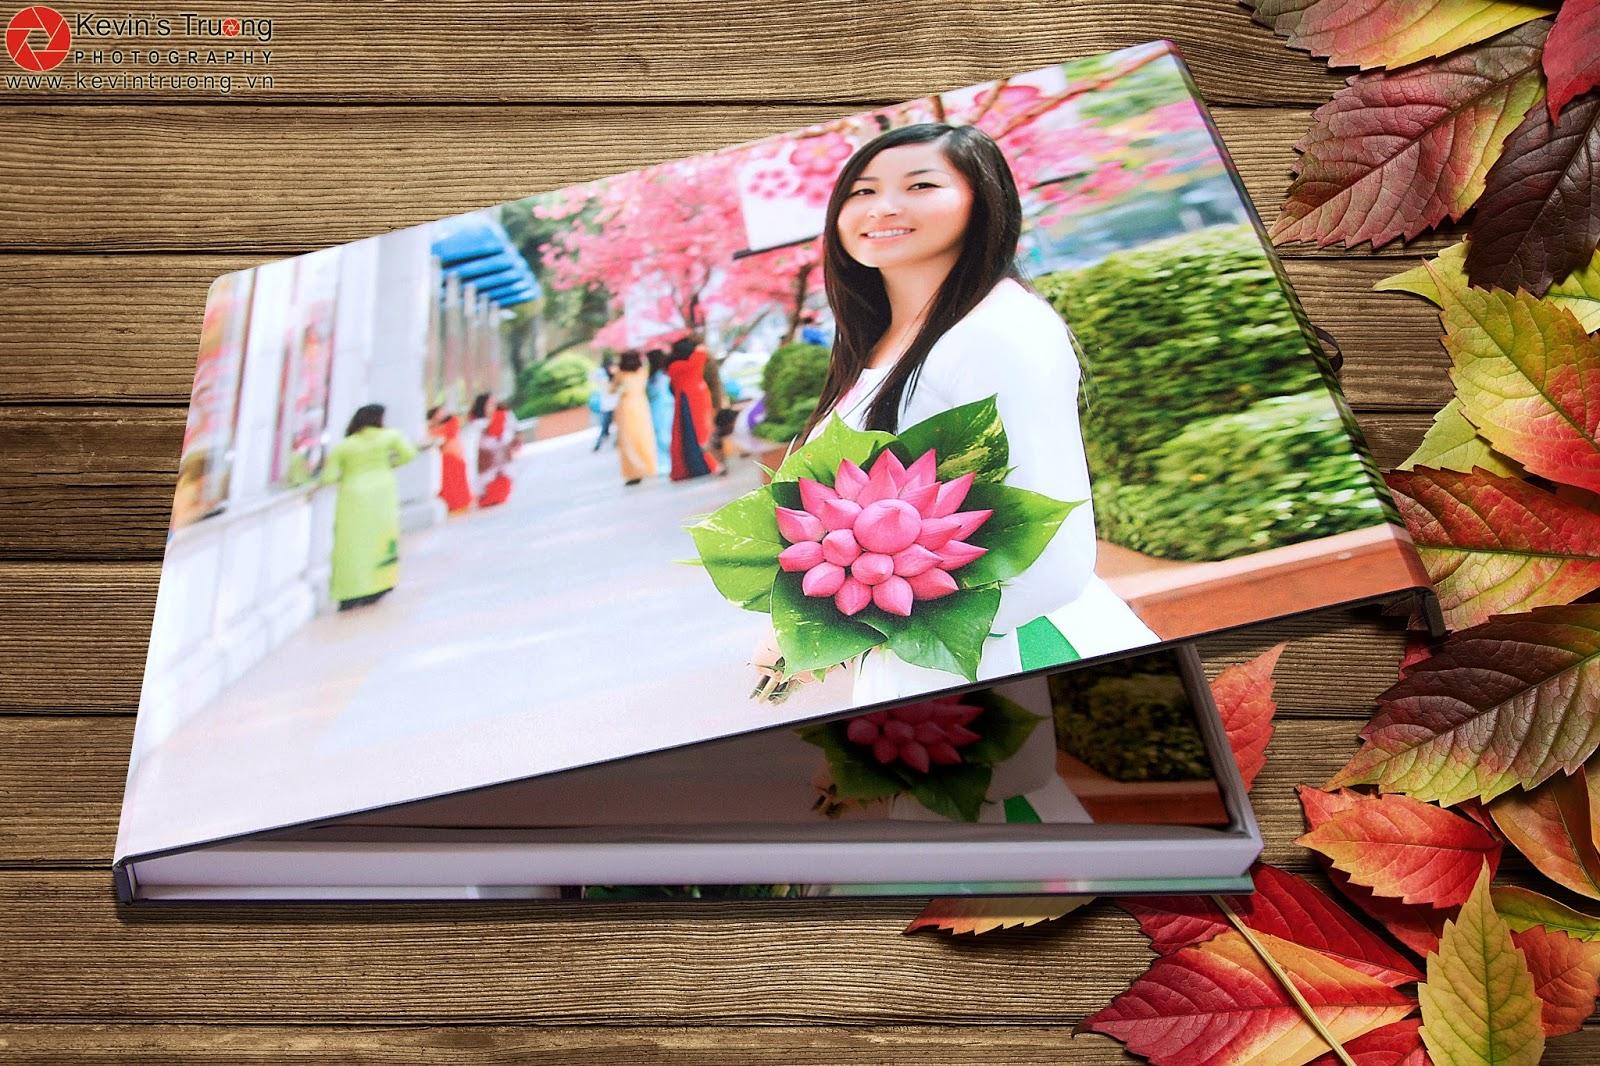 Gia Công-In Album Cát Kim Tuyến-Album 3D,Photobook,Ép gỗ các loại - 31